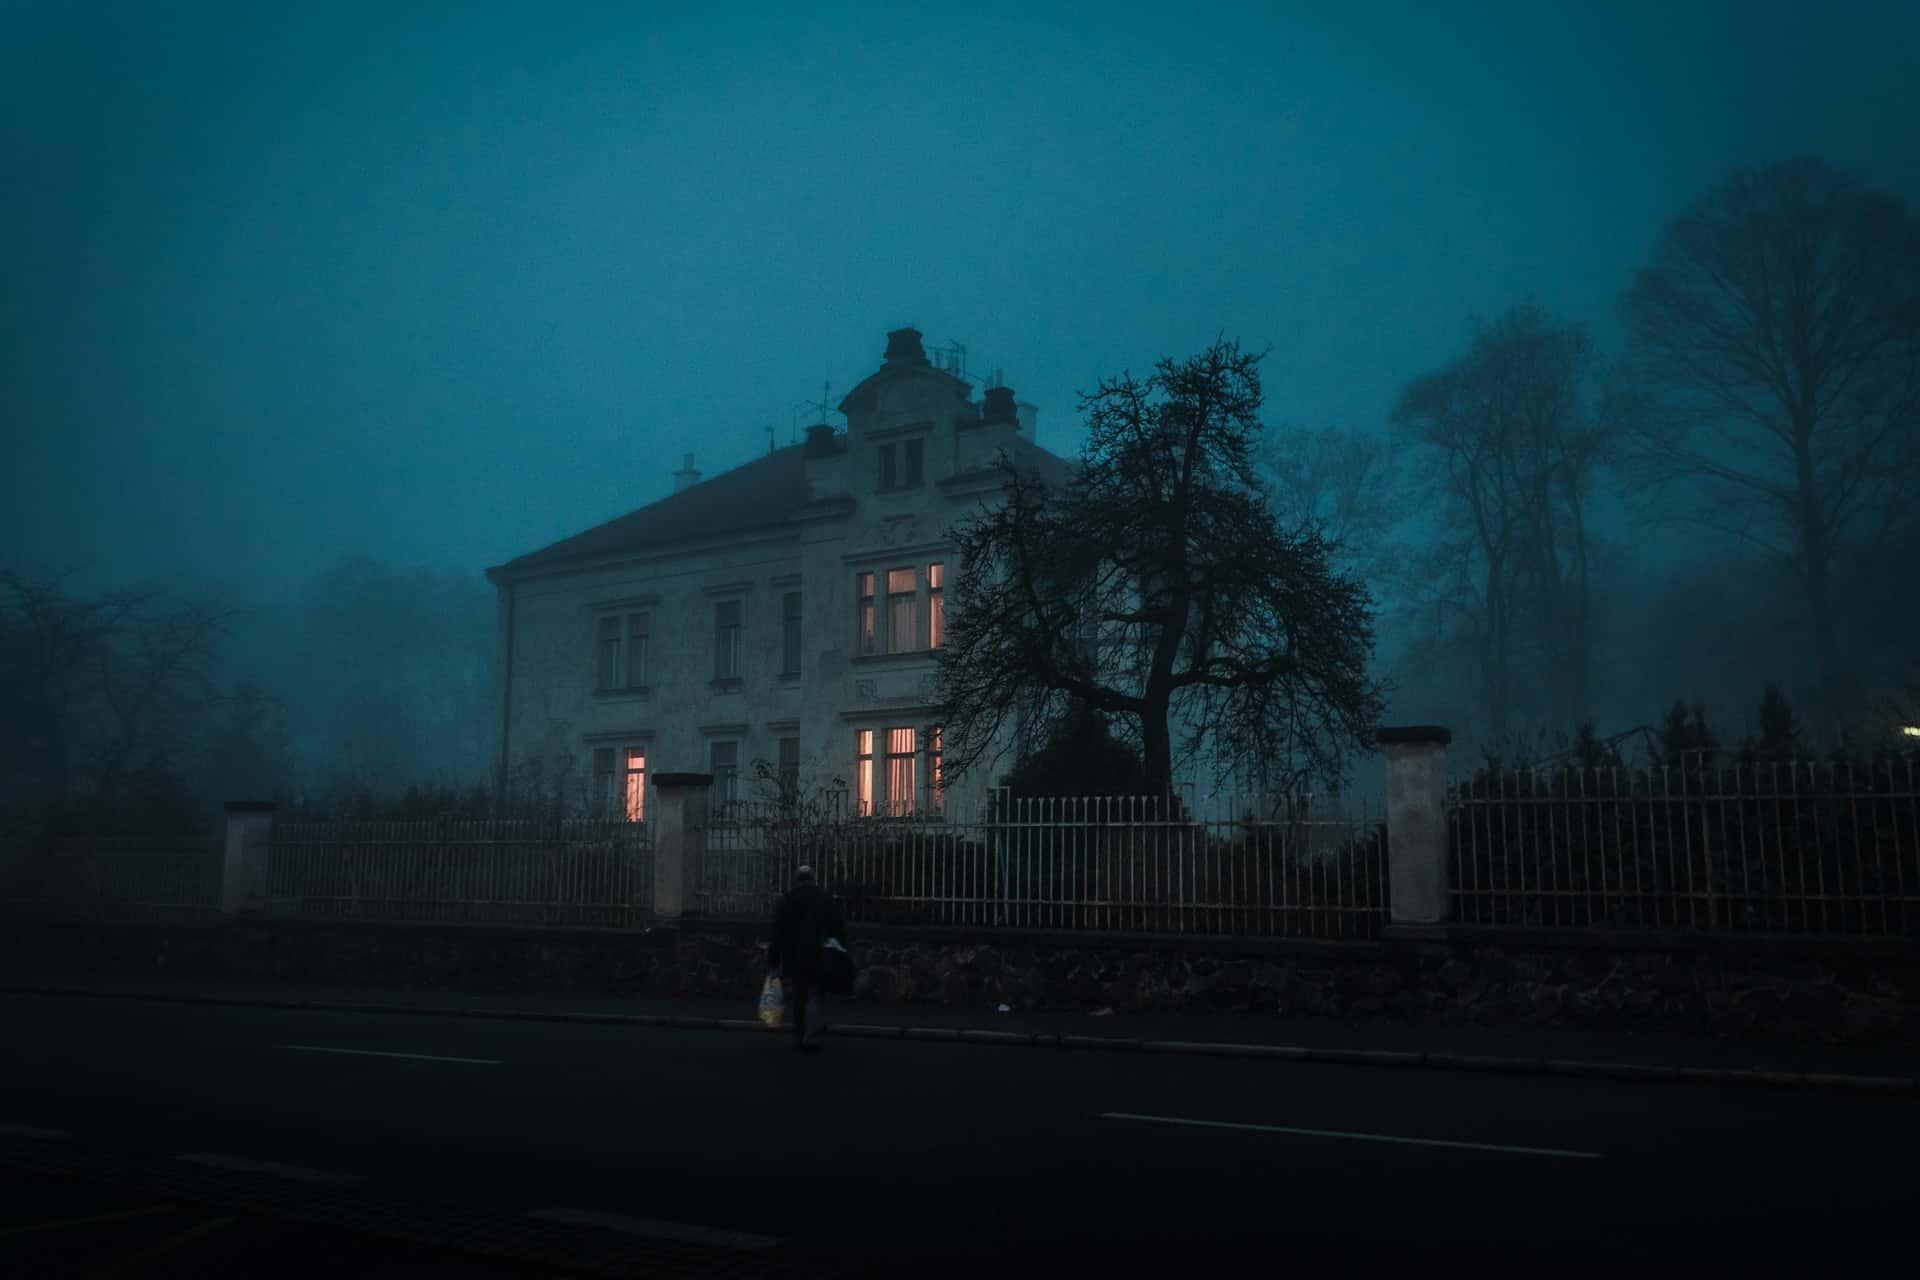 Eerie experiences